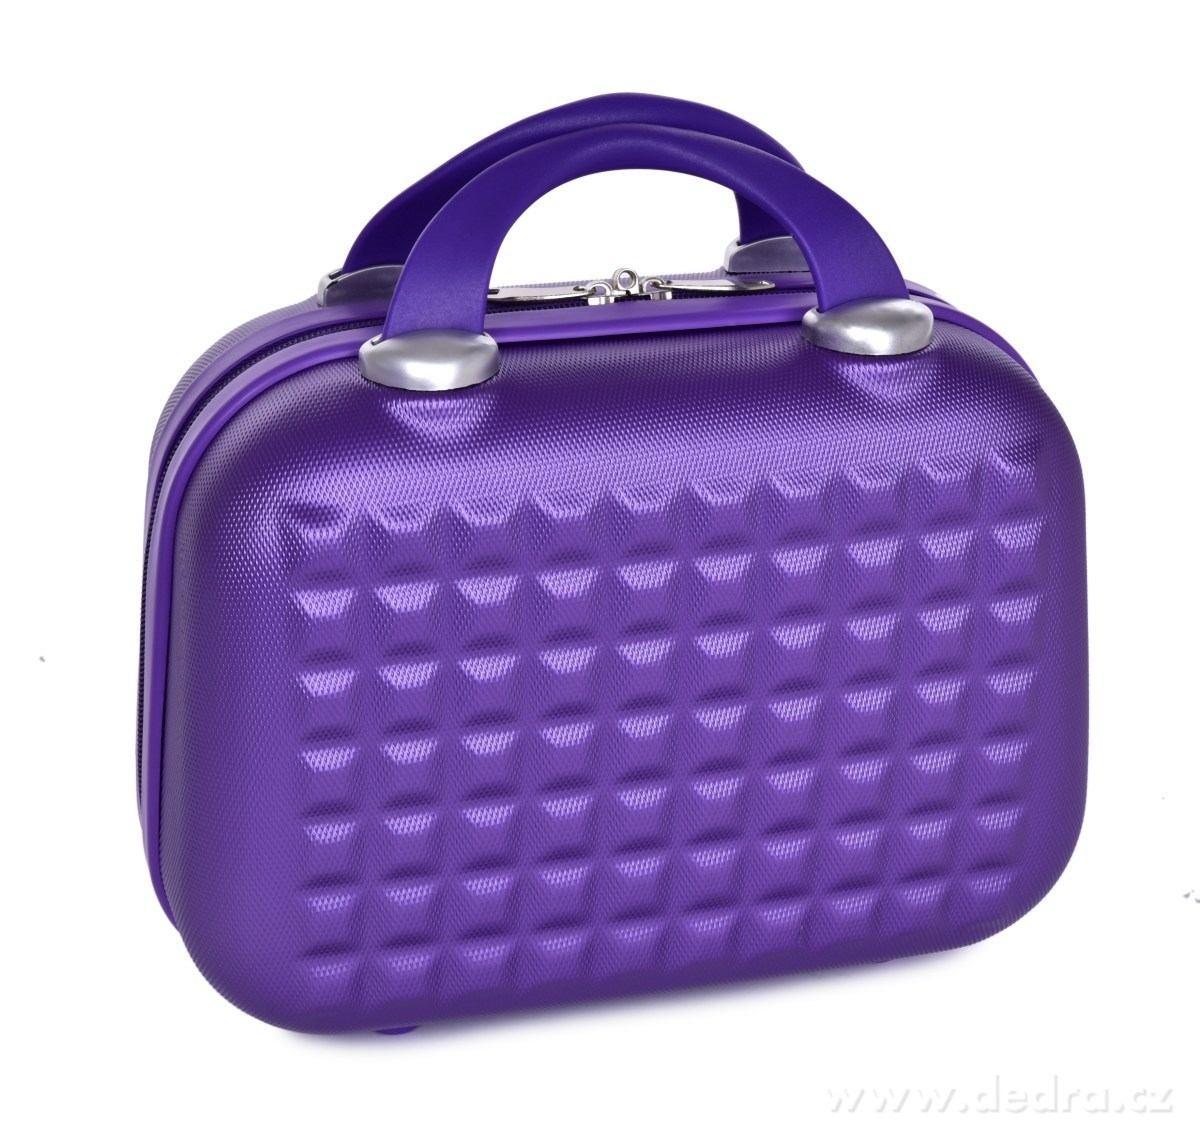 Dedra Kufr příruční větší Metalic purple 34 x 18 x 26 cm